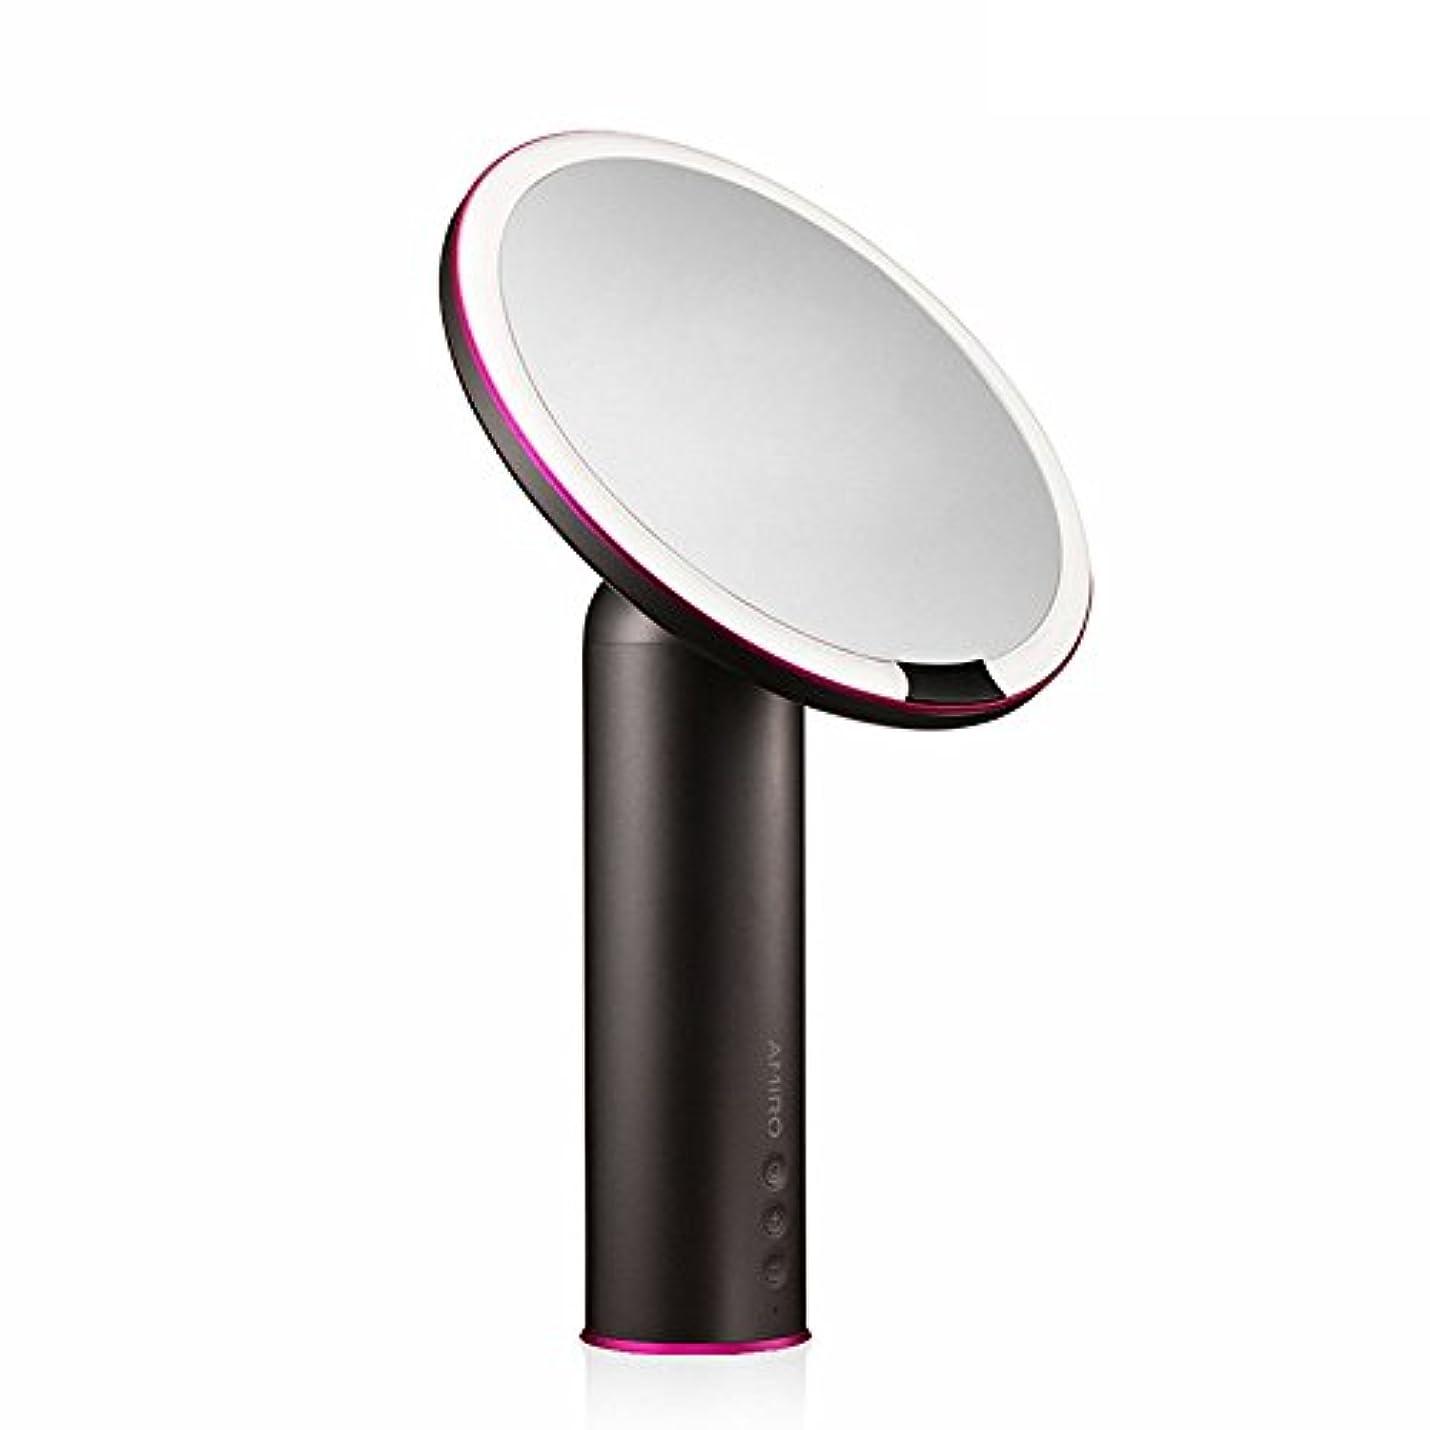 コンパスグローバル頭蓋骨AMIRO LED化粧鏡 人感センサー付き 化粧ミラー LEDライト付き 卓上鏡 女優ミラー 3段階明るさ調節可能 コードレス 充電式